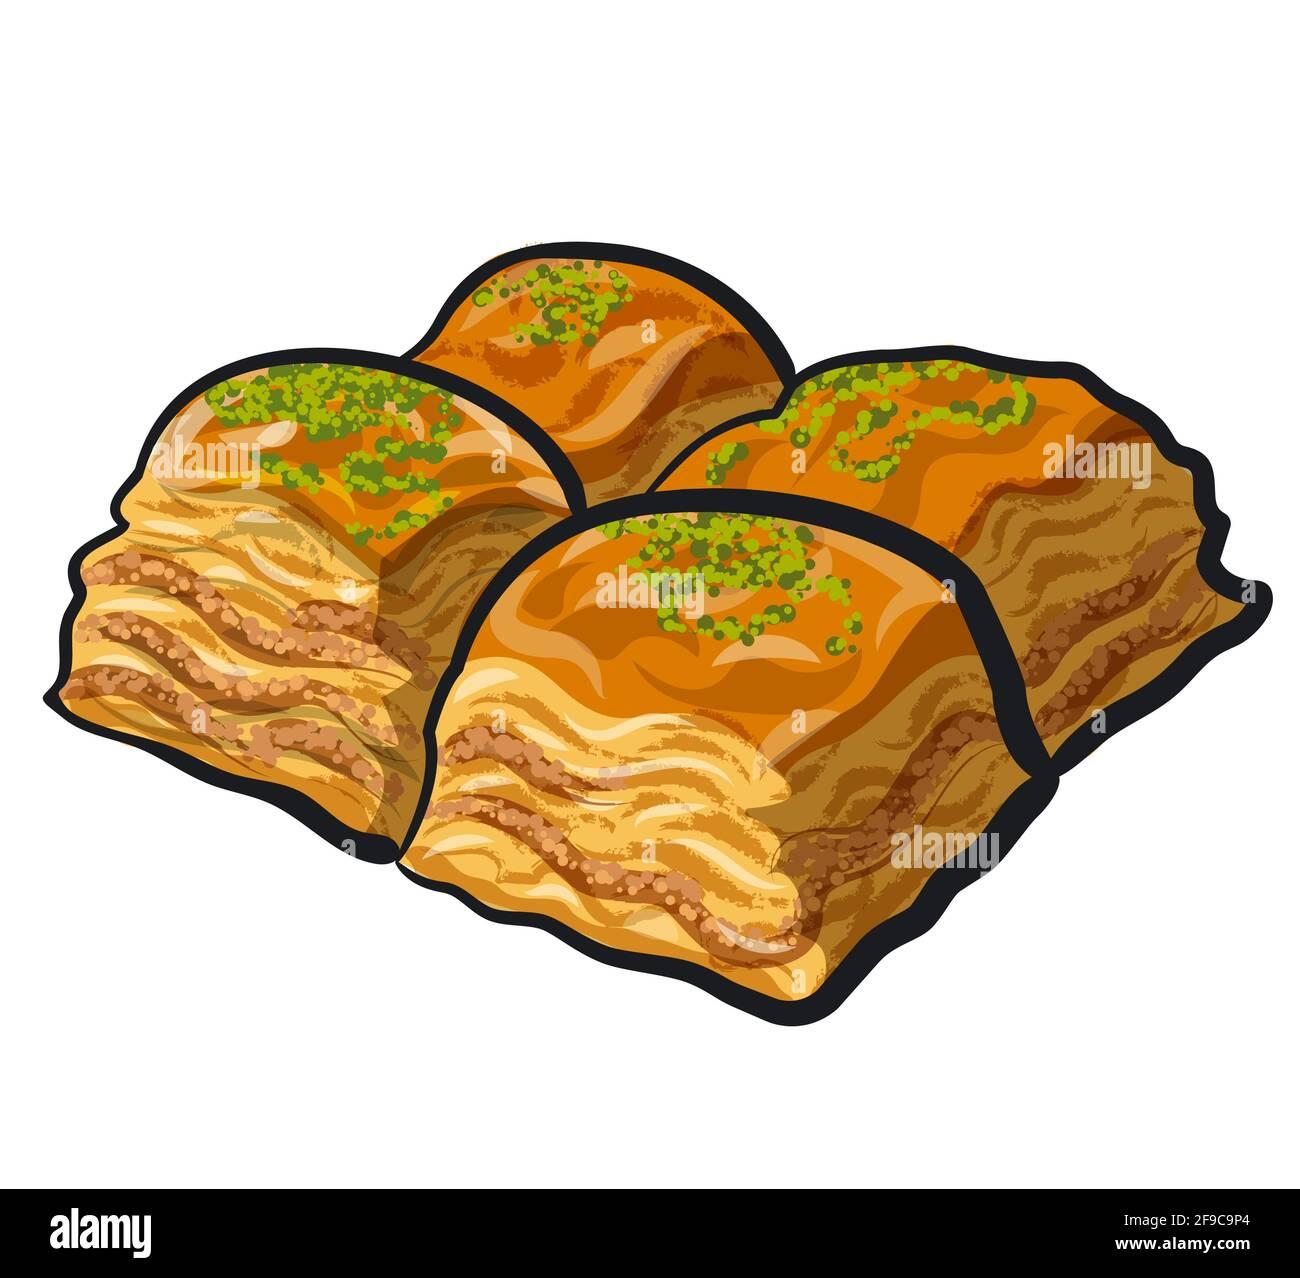 Illustration de l'Est de l'aliment sucré dessert baklava Illustration de Vecteur